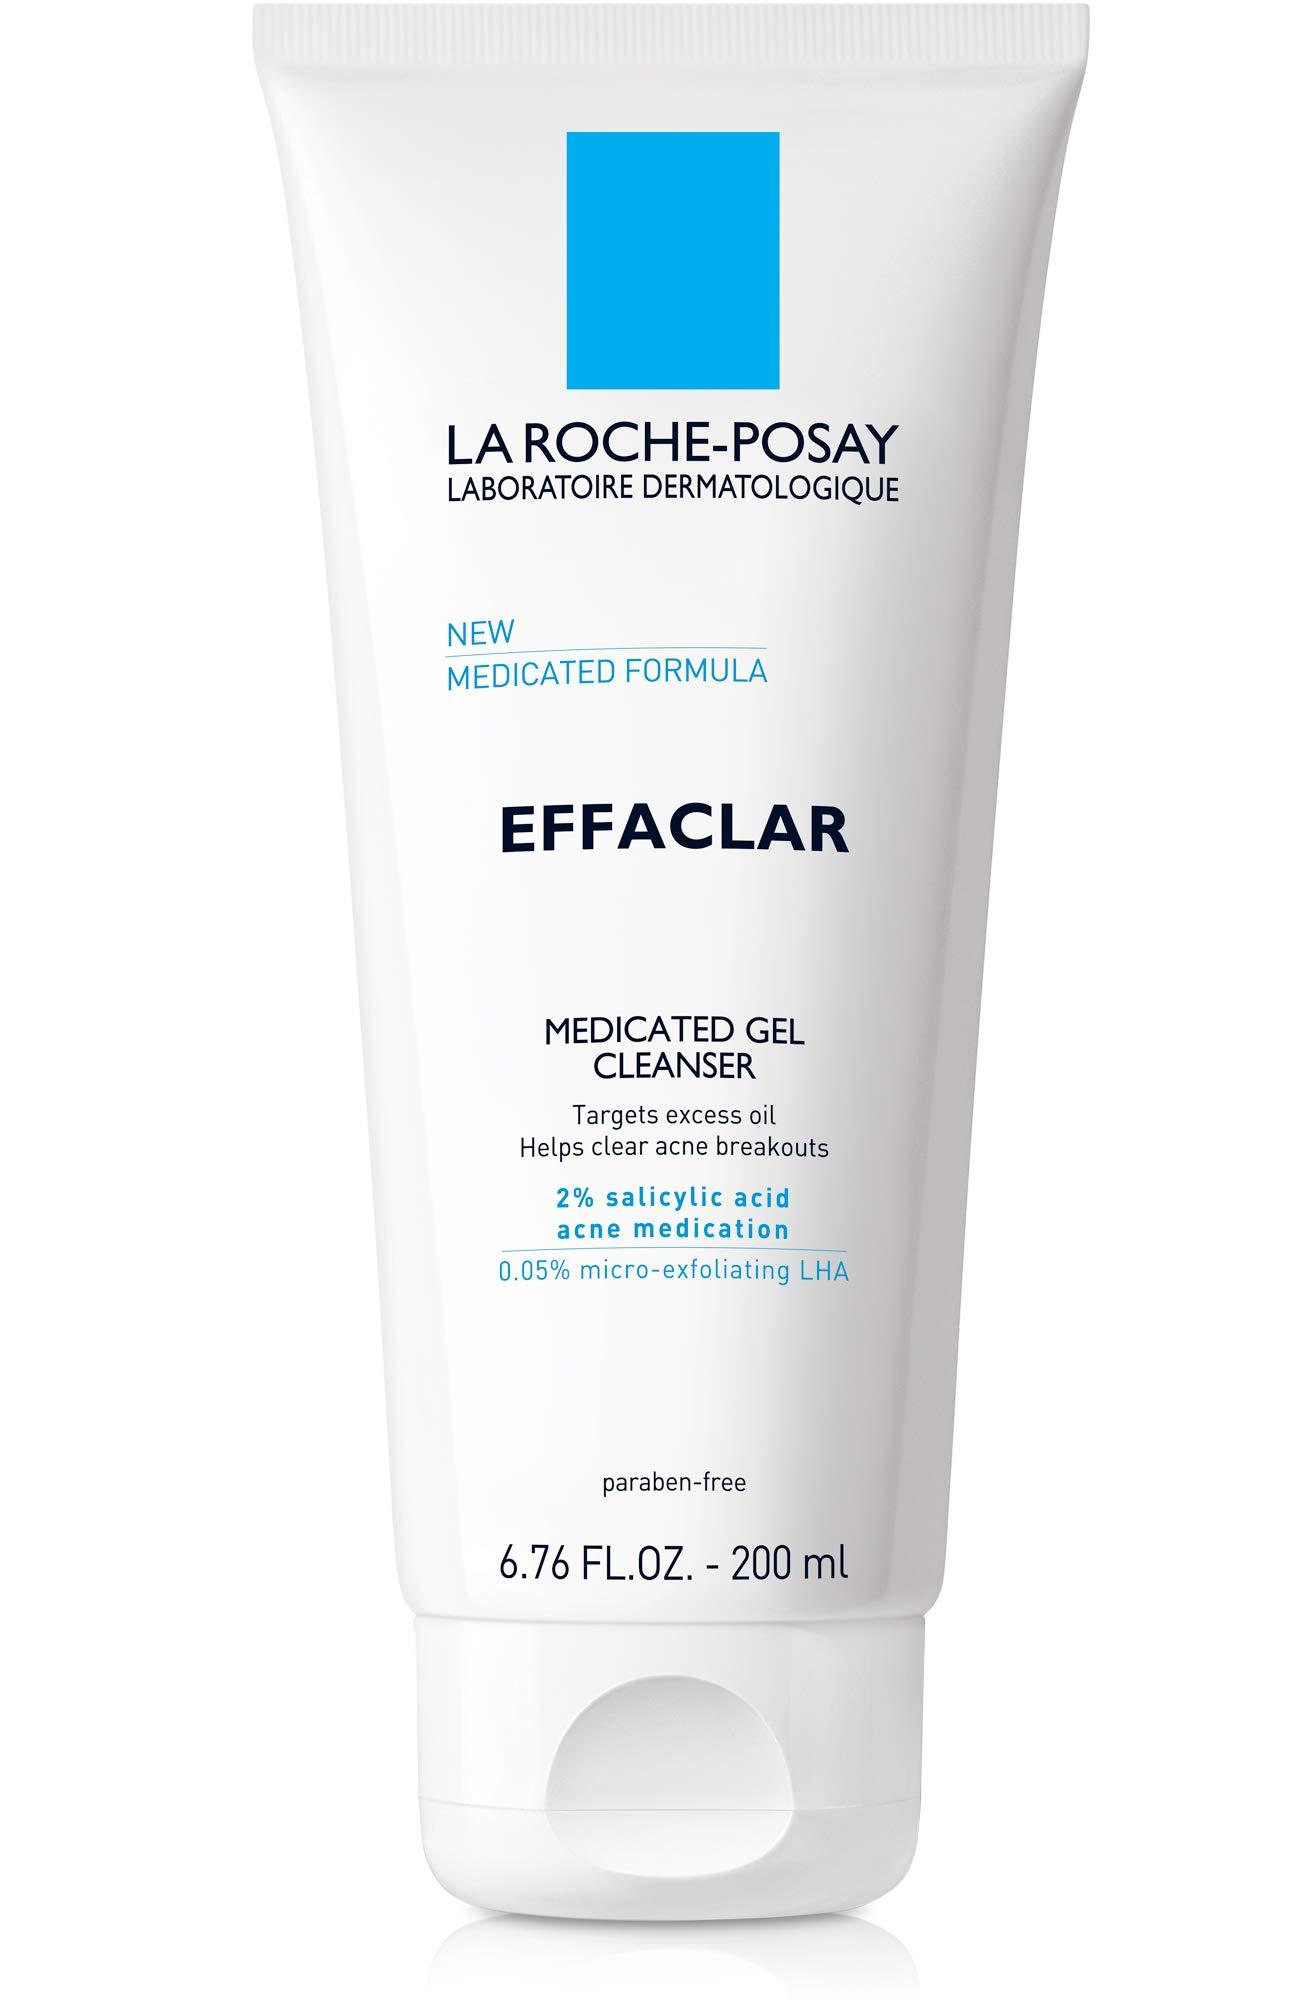 Sữa rửa mặt cho da mụn La Roche-Posay Effaclar Medicated Gel Cleanser